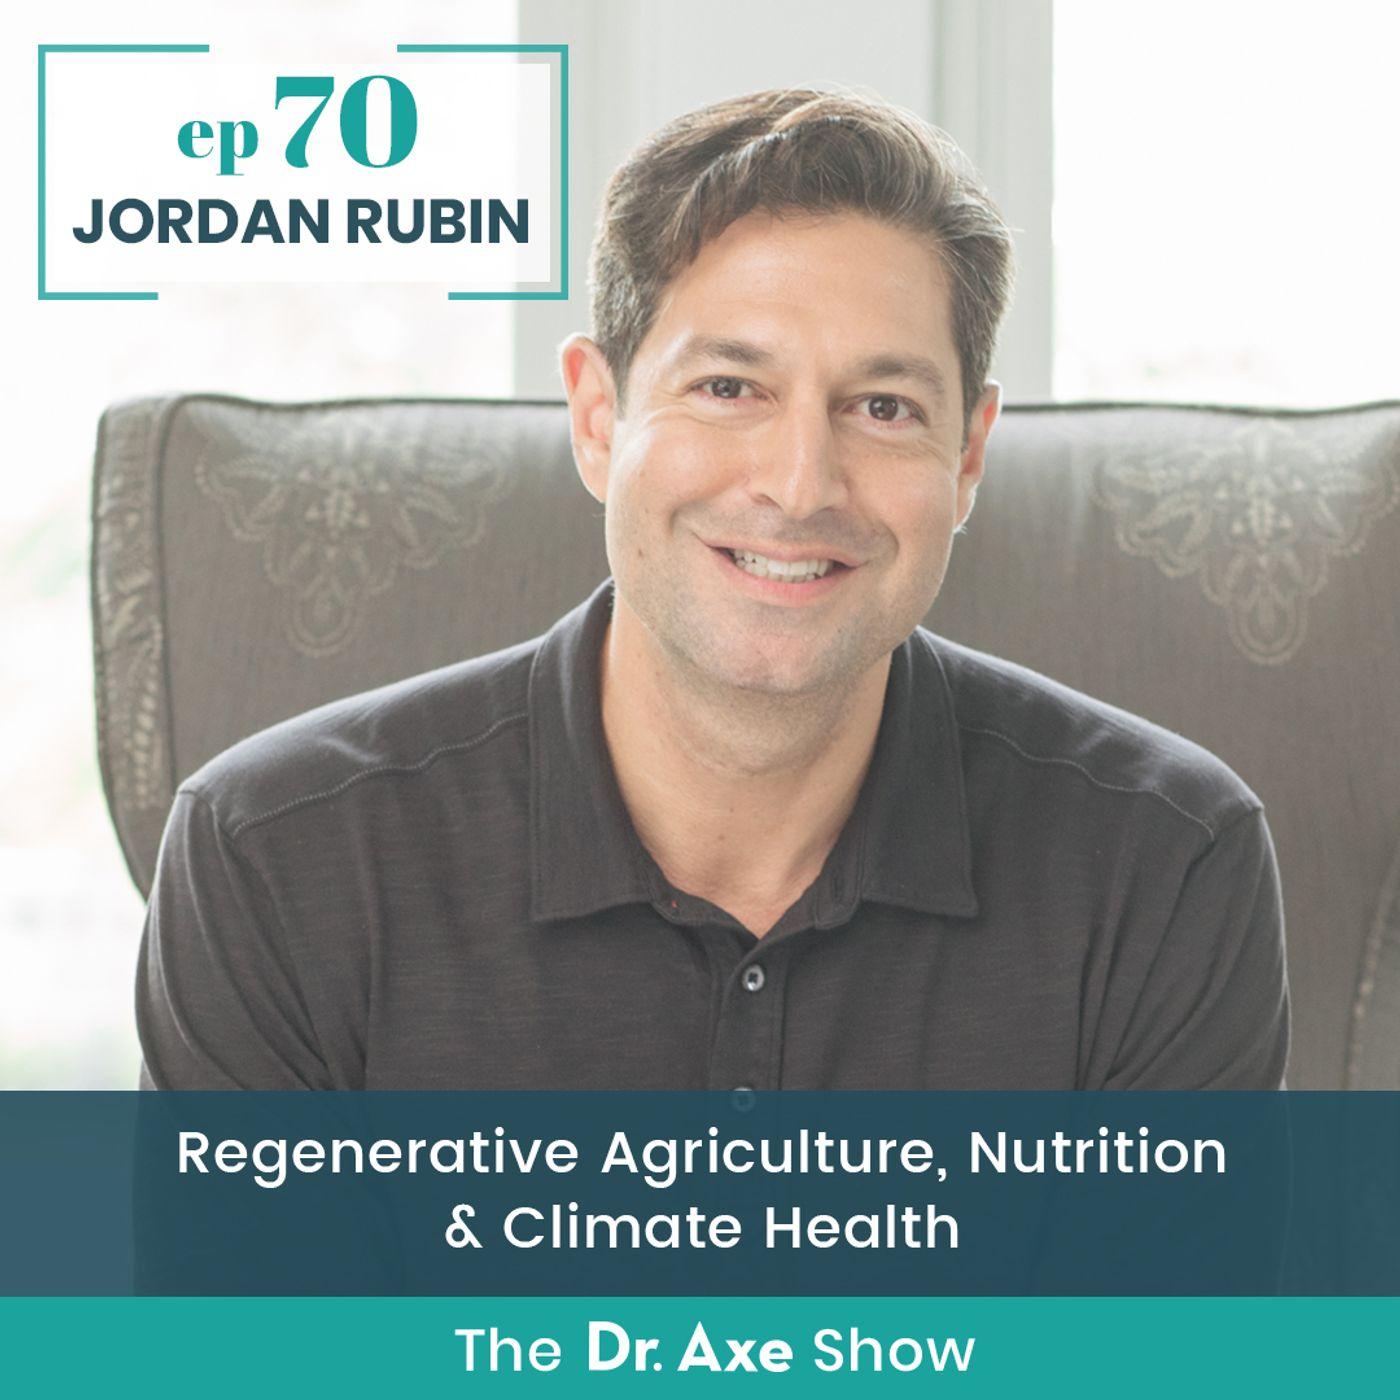 Jordan Rubin: Regenerative Agriculture, Nutrition & Climate Health